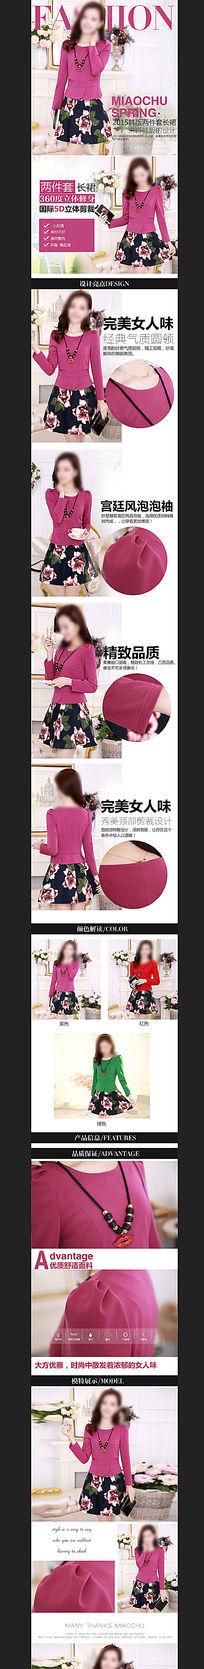 宝天猫女装连衣裙详情页模板设计